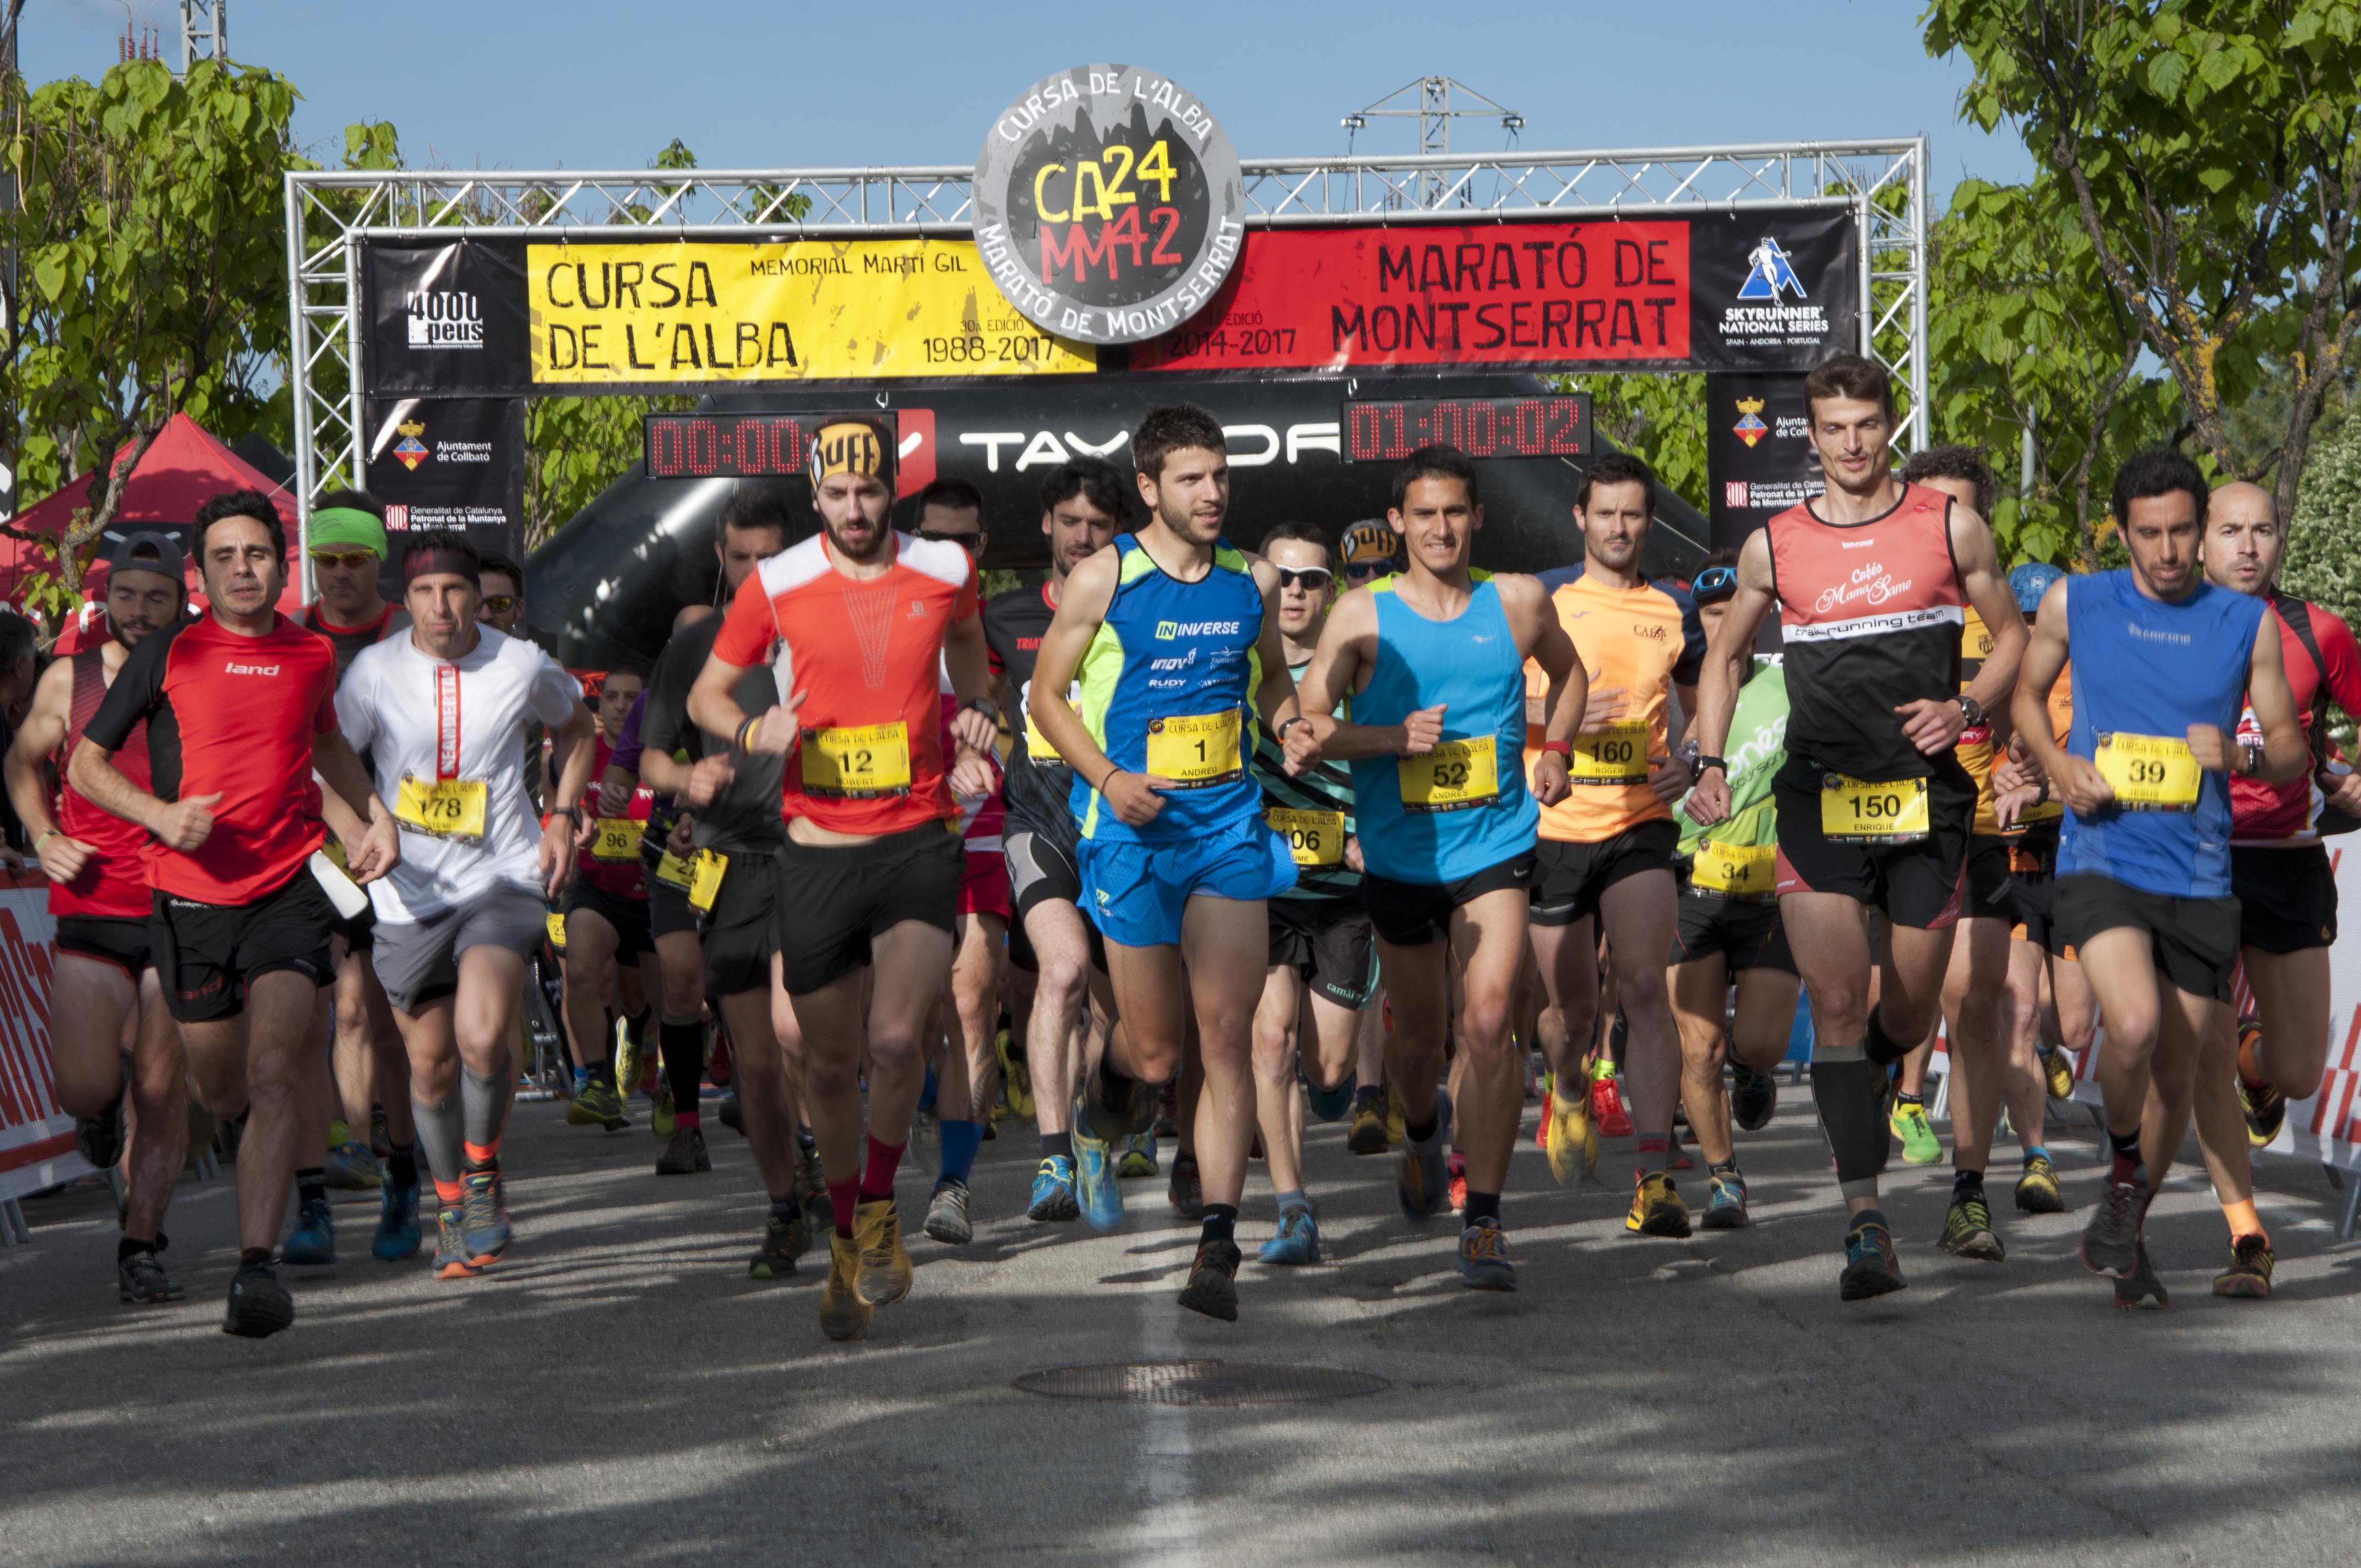 Andreu Simon y Núria Domínguez se imponen en la Cursa de l'Alba y Josep Cuadrat y Montse Martínez ganan la Marató de Montserrat